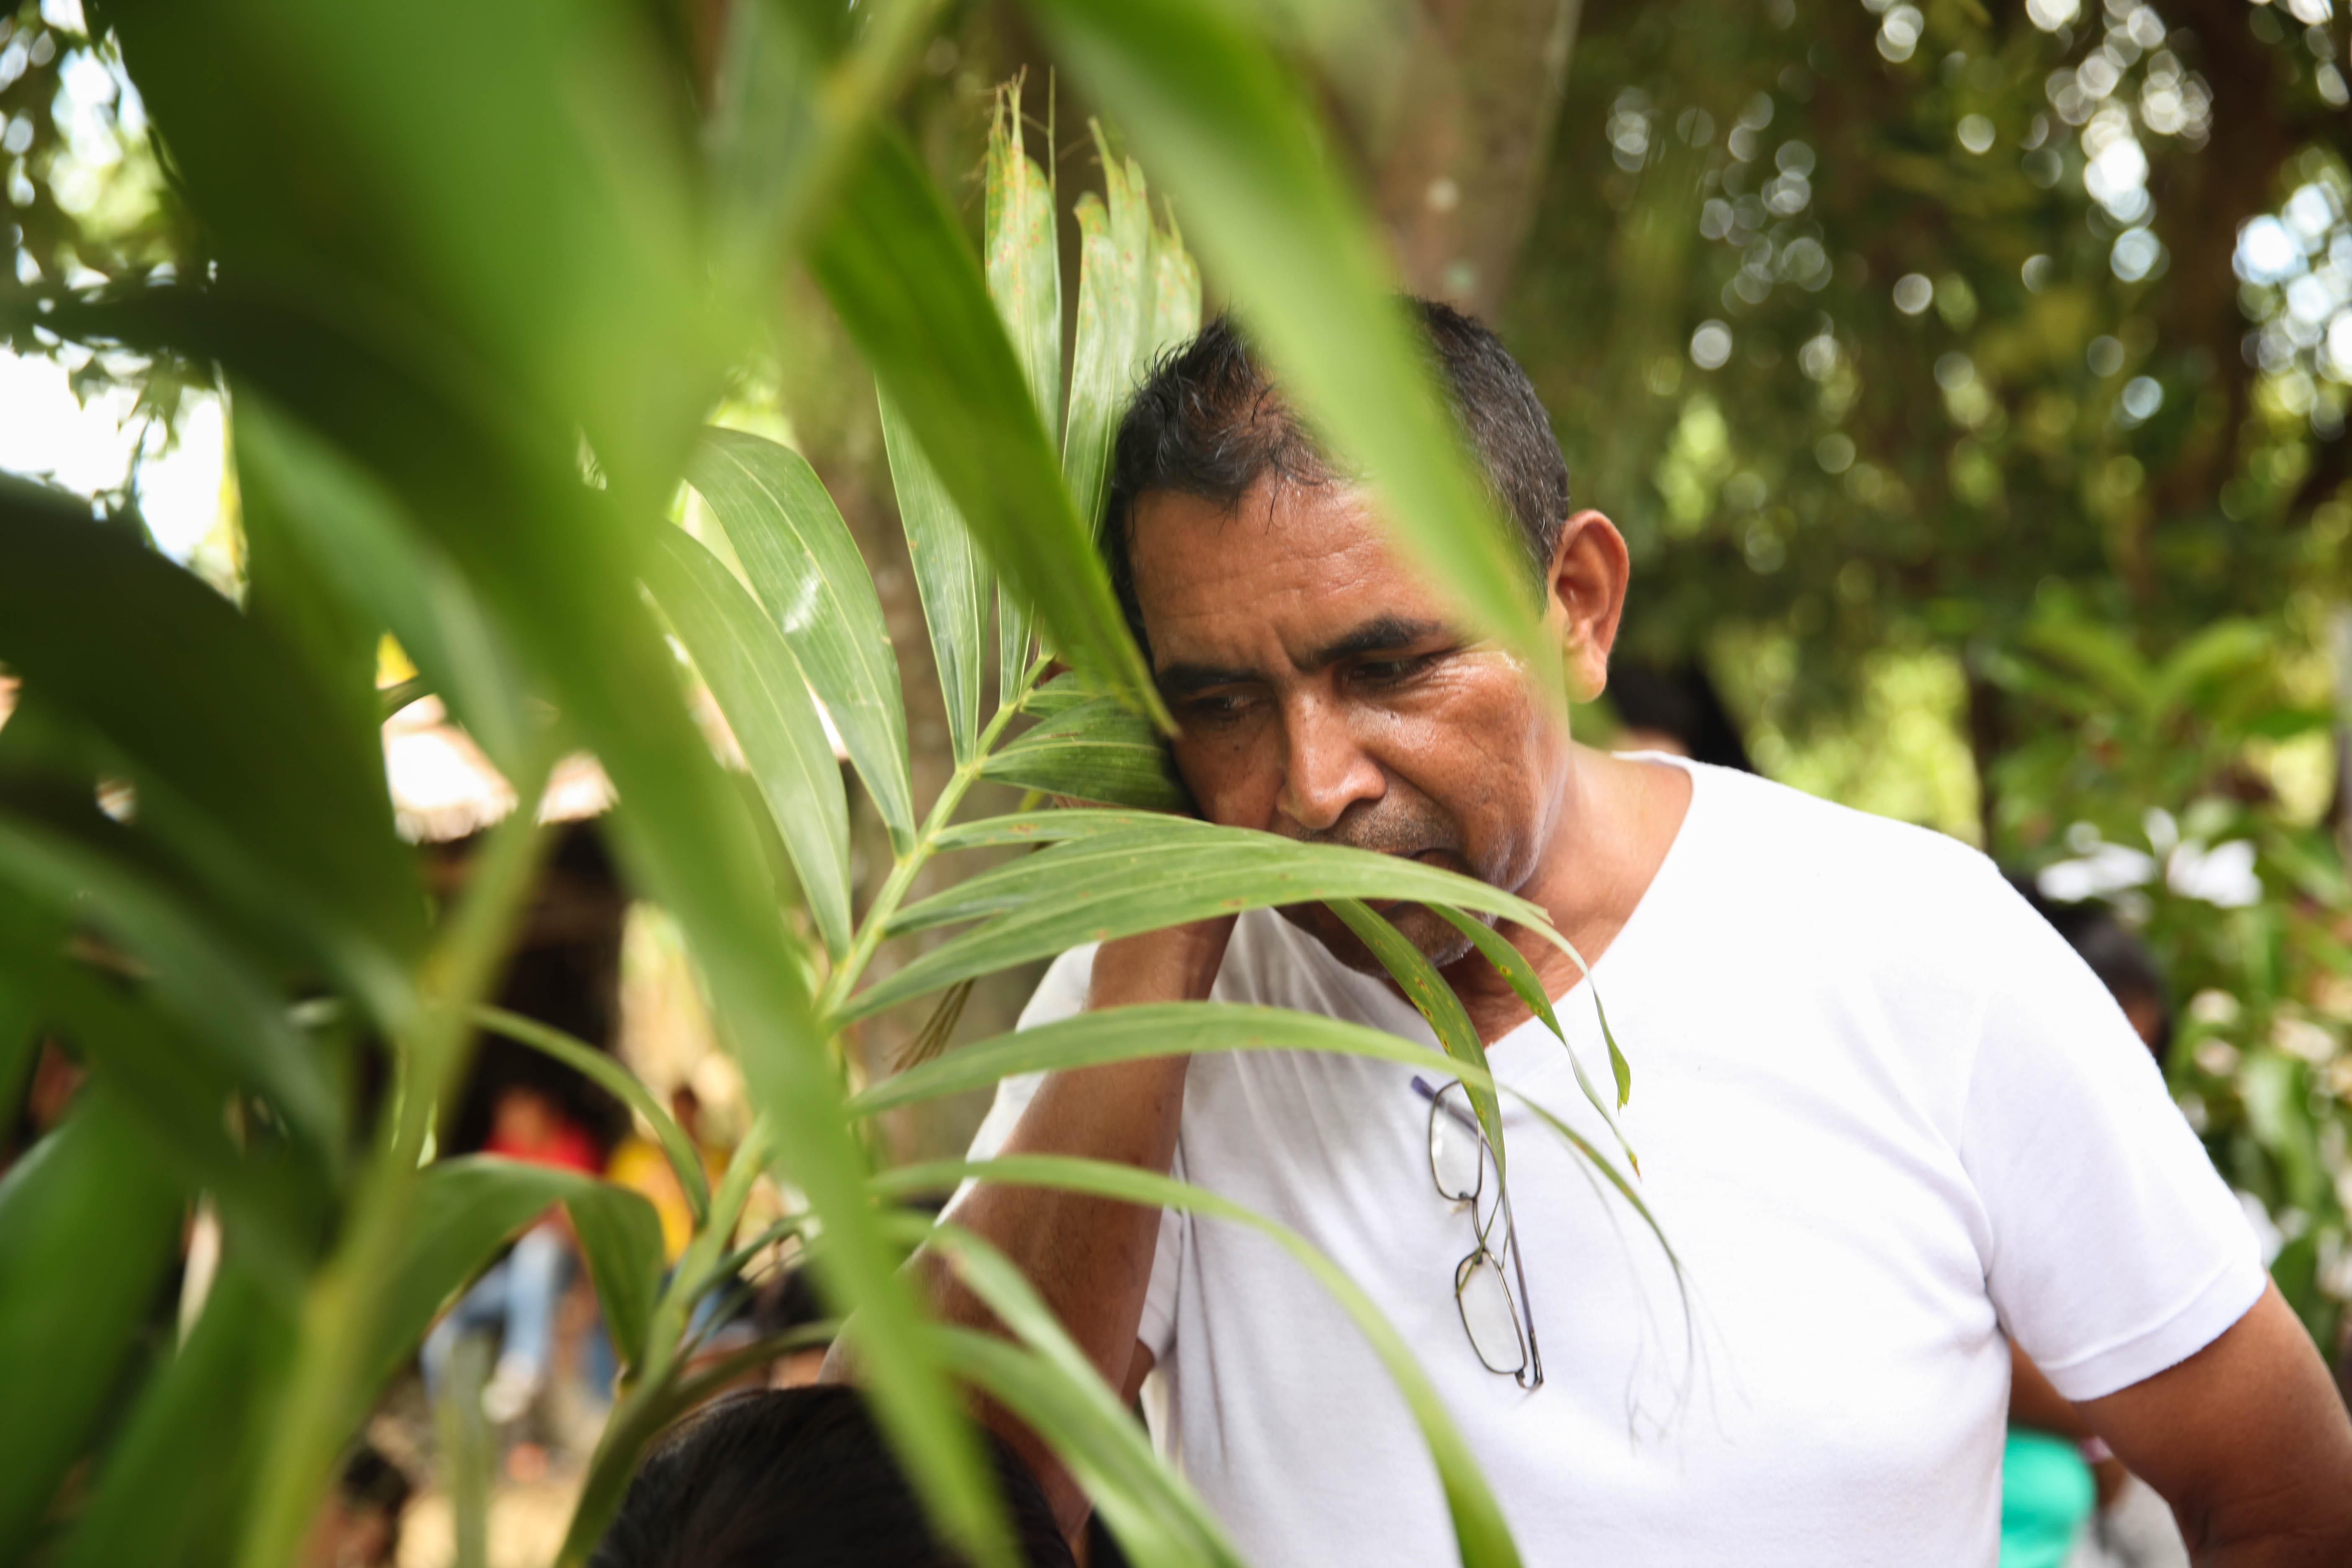 Leonel Vasquez Cantos Silentes en Cuerpos de Madera